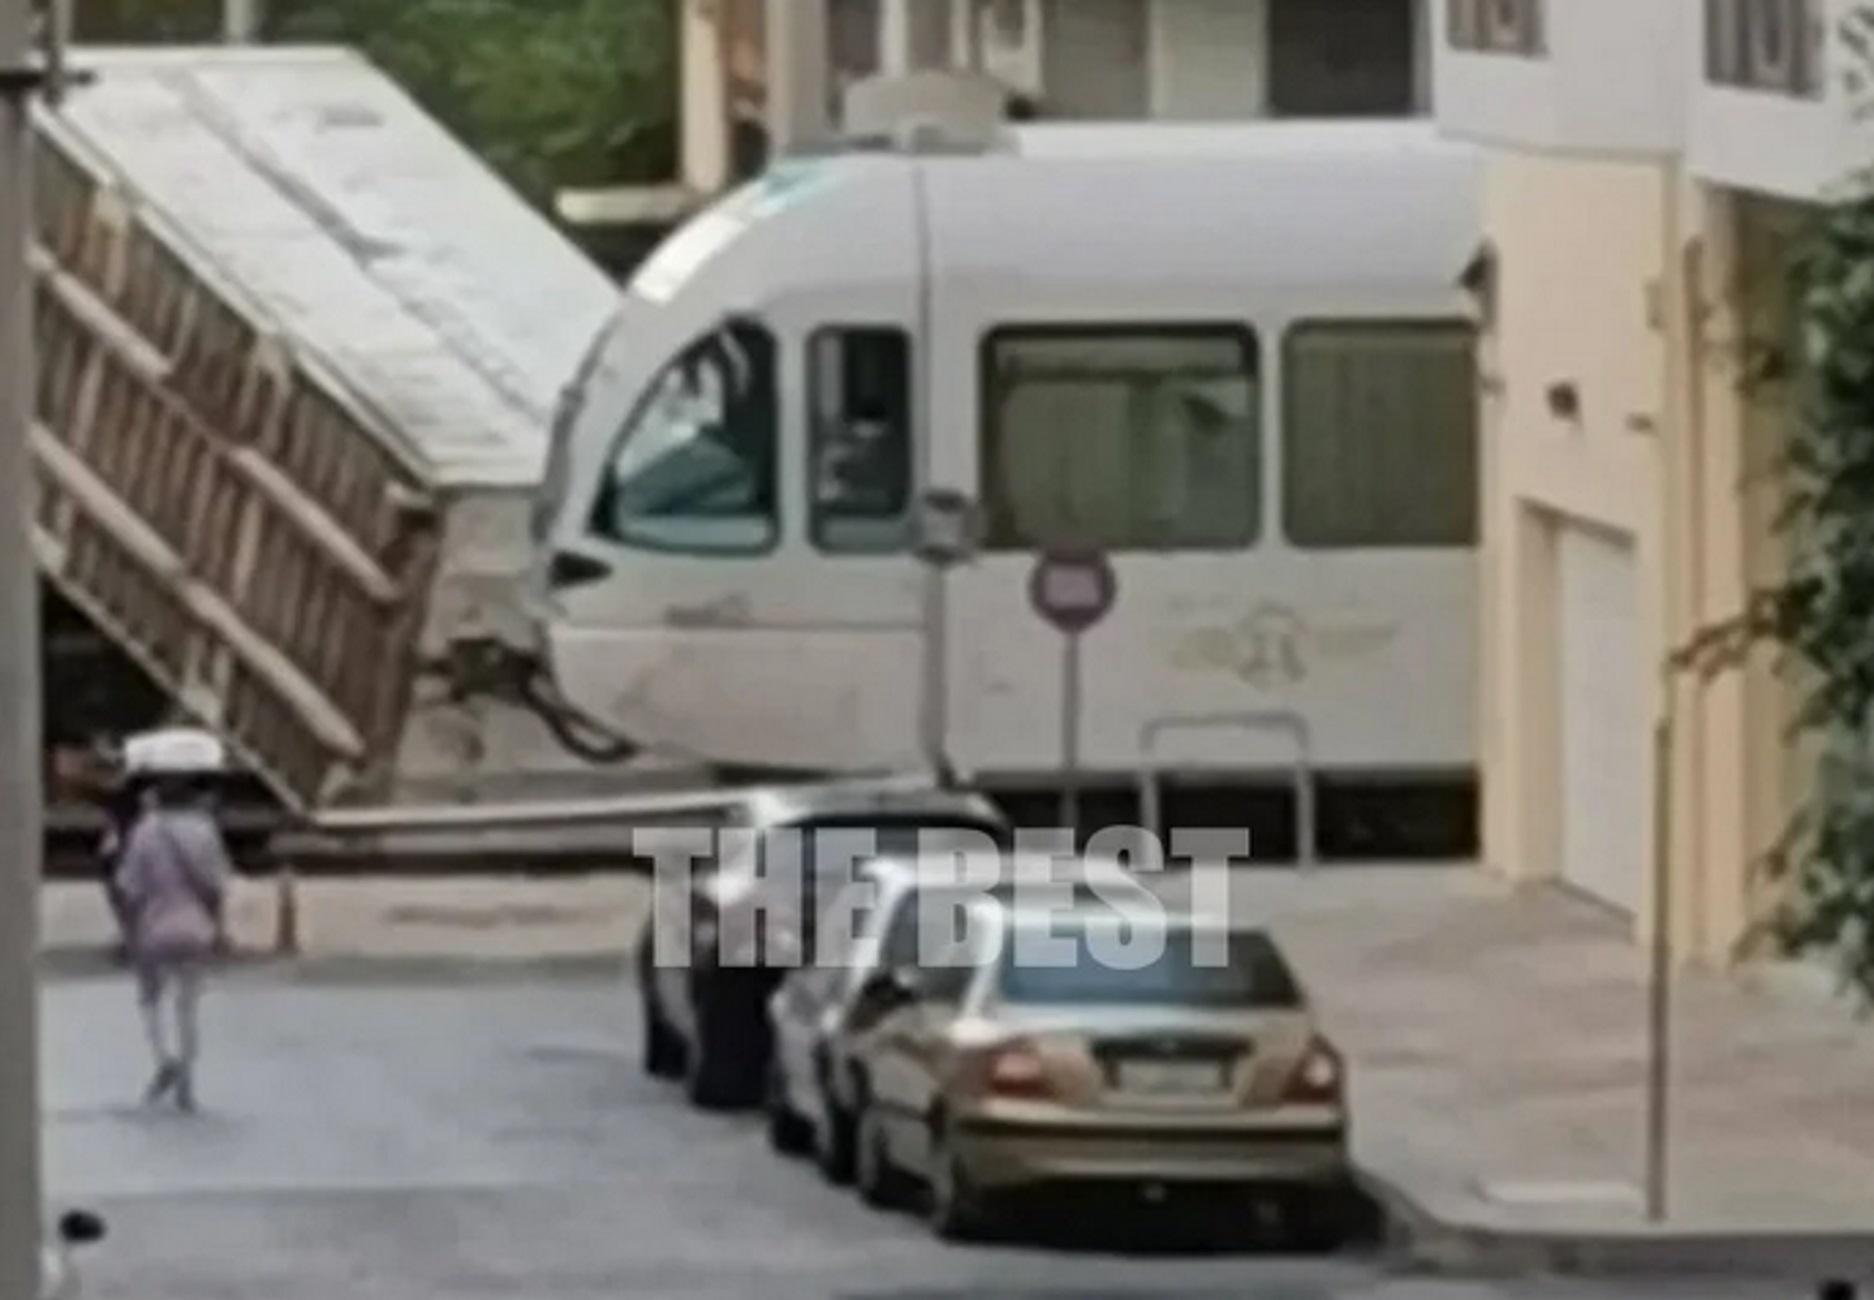 Πάτρα: Νταλίκα έπεσε πάνω στον Προαστιακό! Το μεγάλο λάθος και ο τρόμος των επιβατών (Βίντεο)